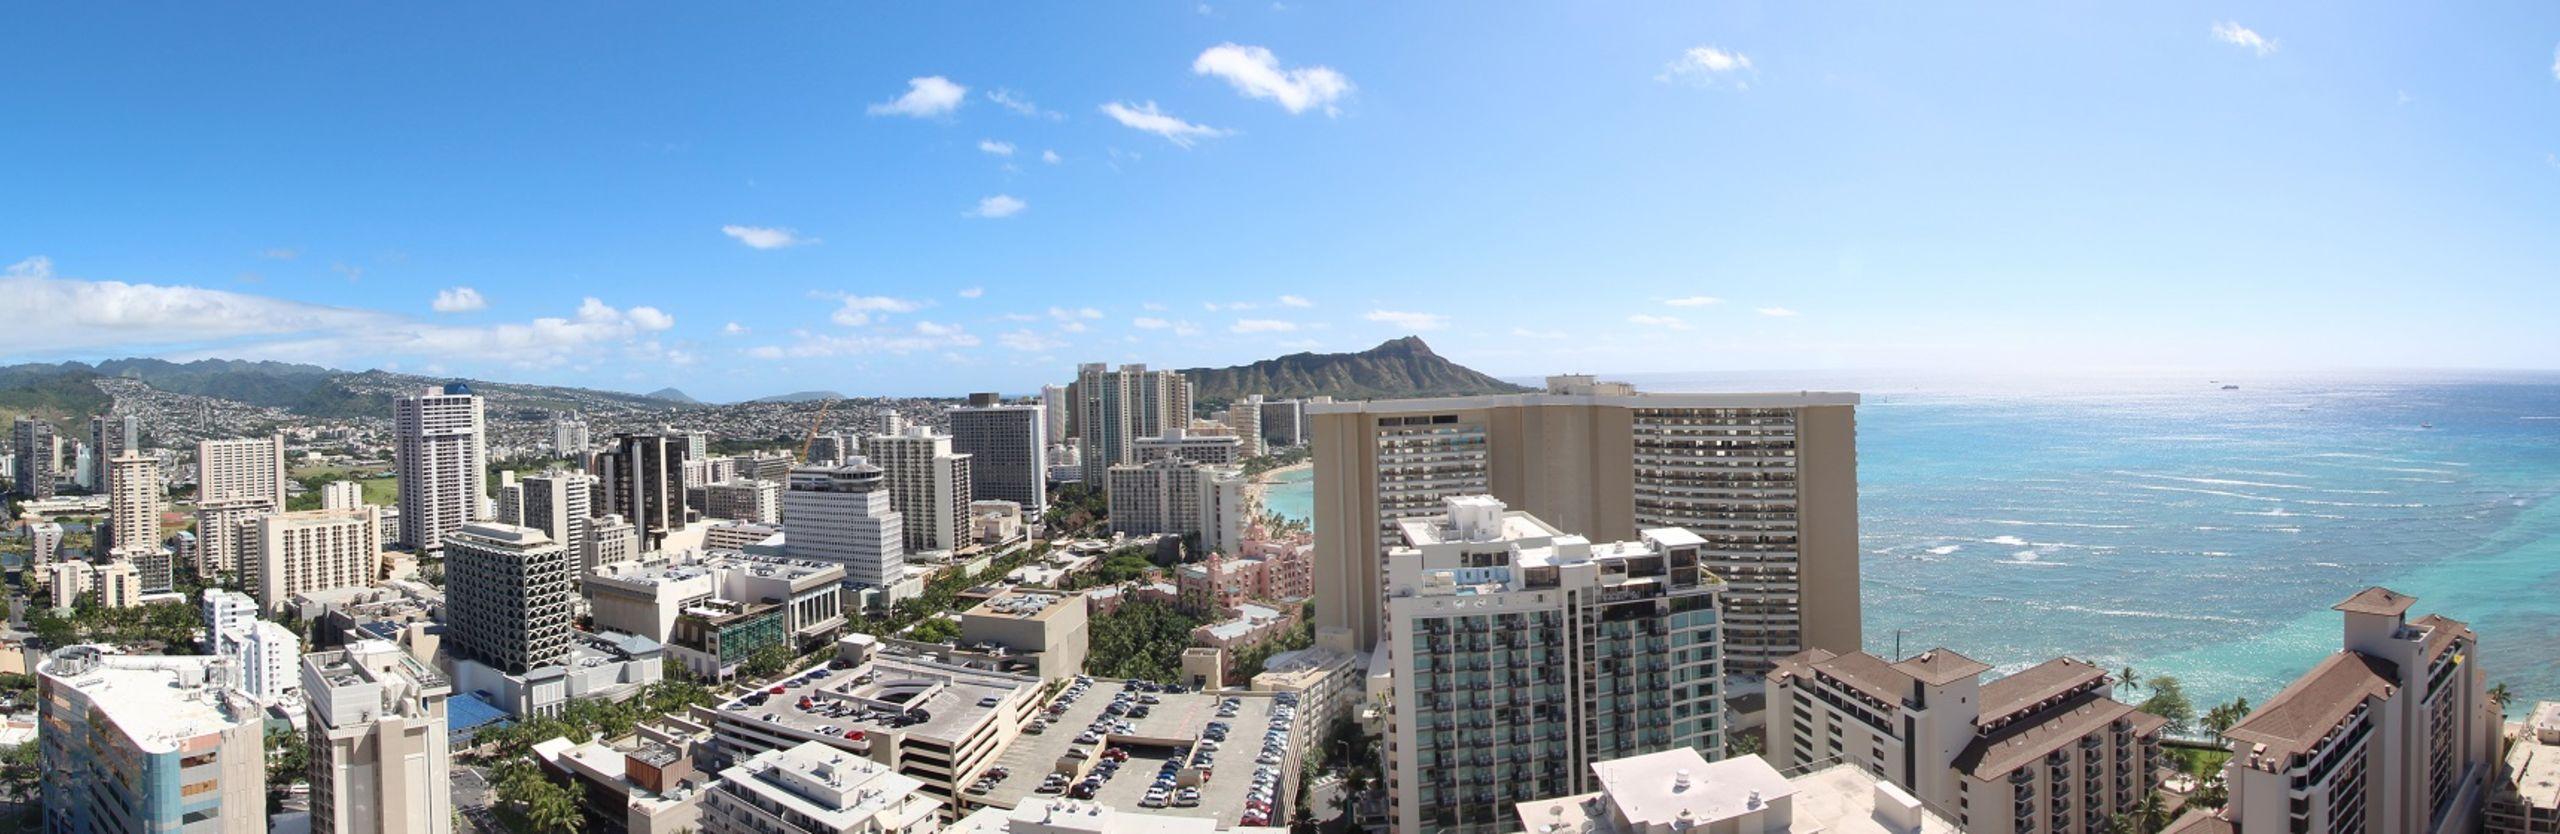 Explore properties in Honolulu, Hawaii